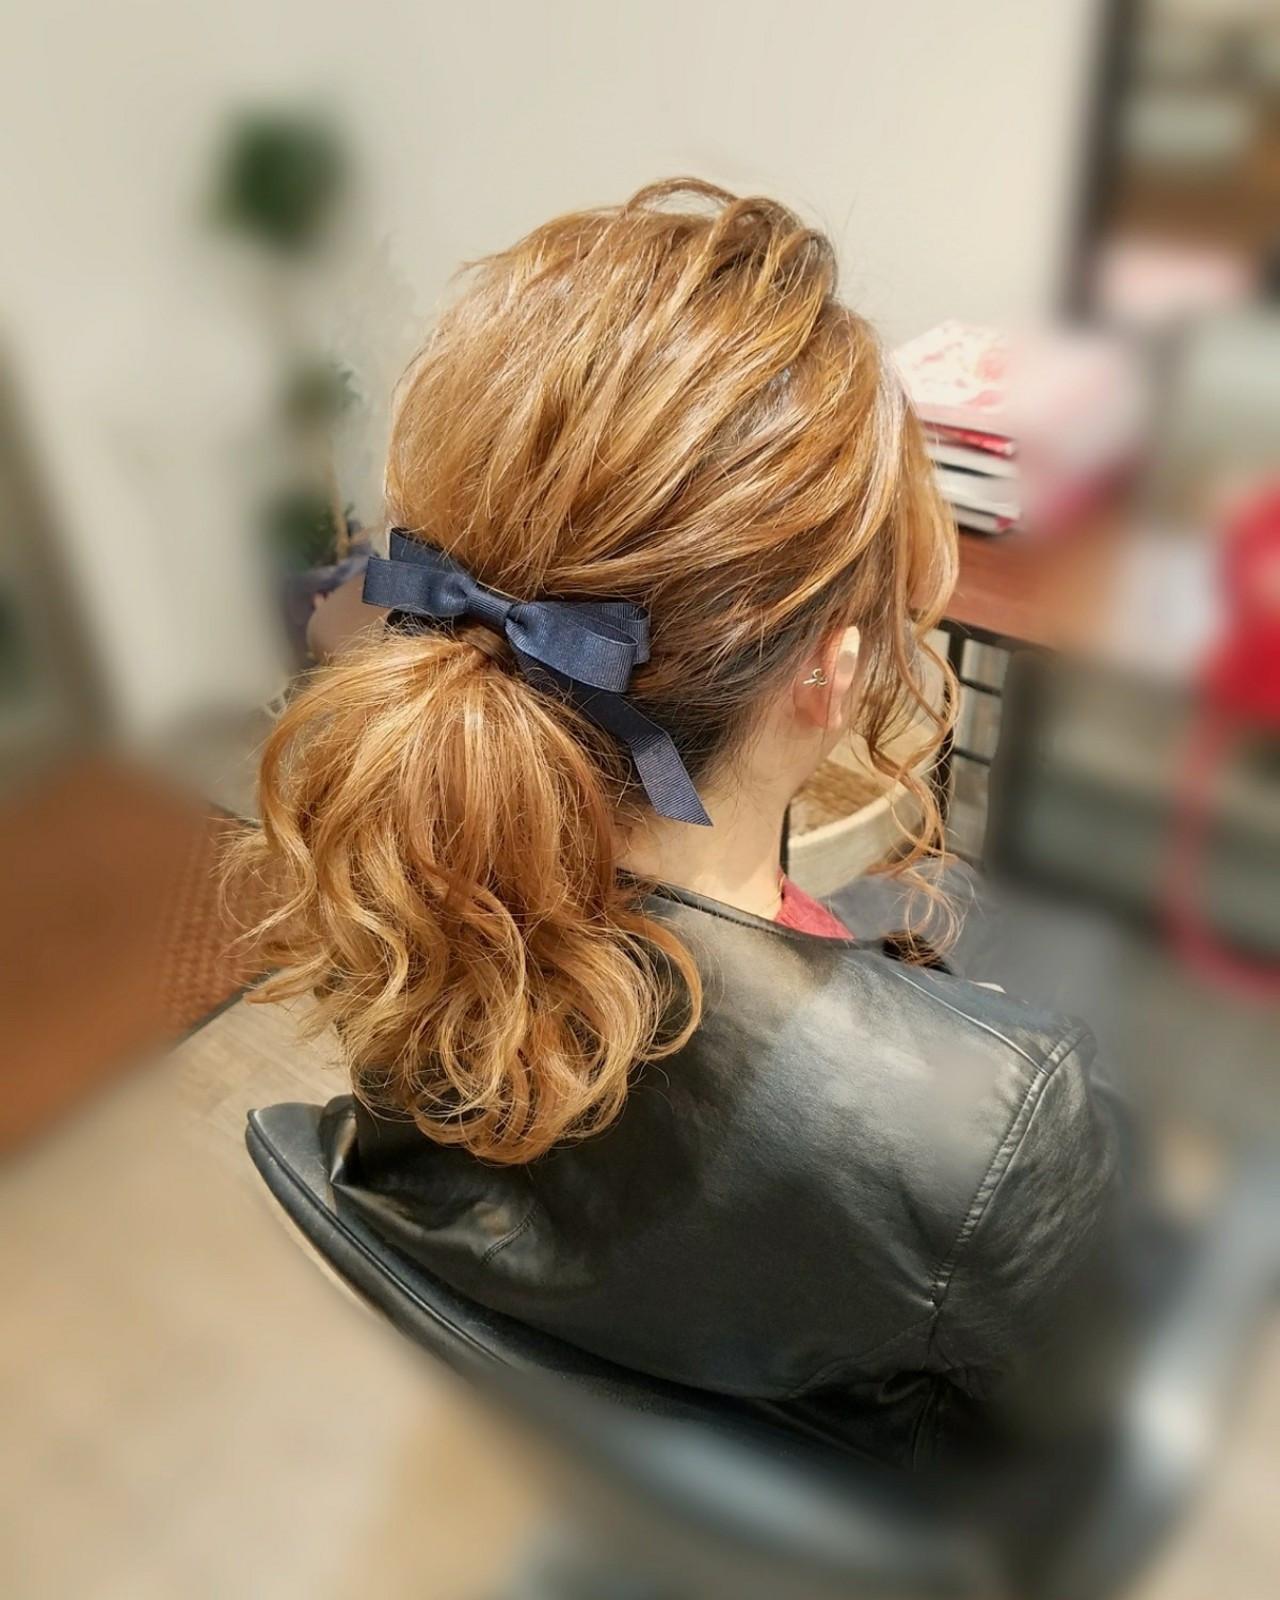 ポニーテール フェミニン ヘアアレンジ ミディアム ヘアスタイルや髪型の写真・画像